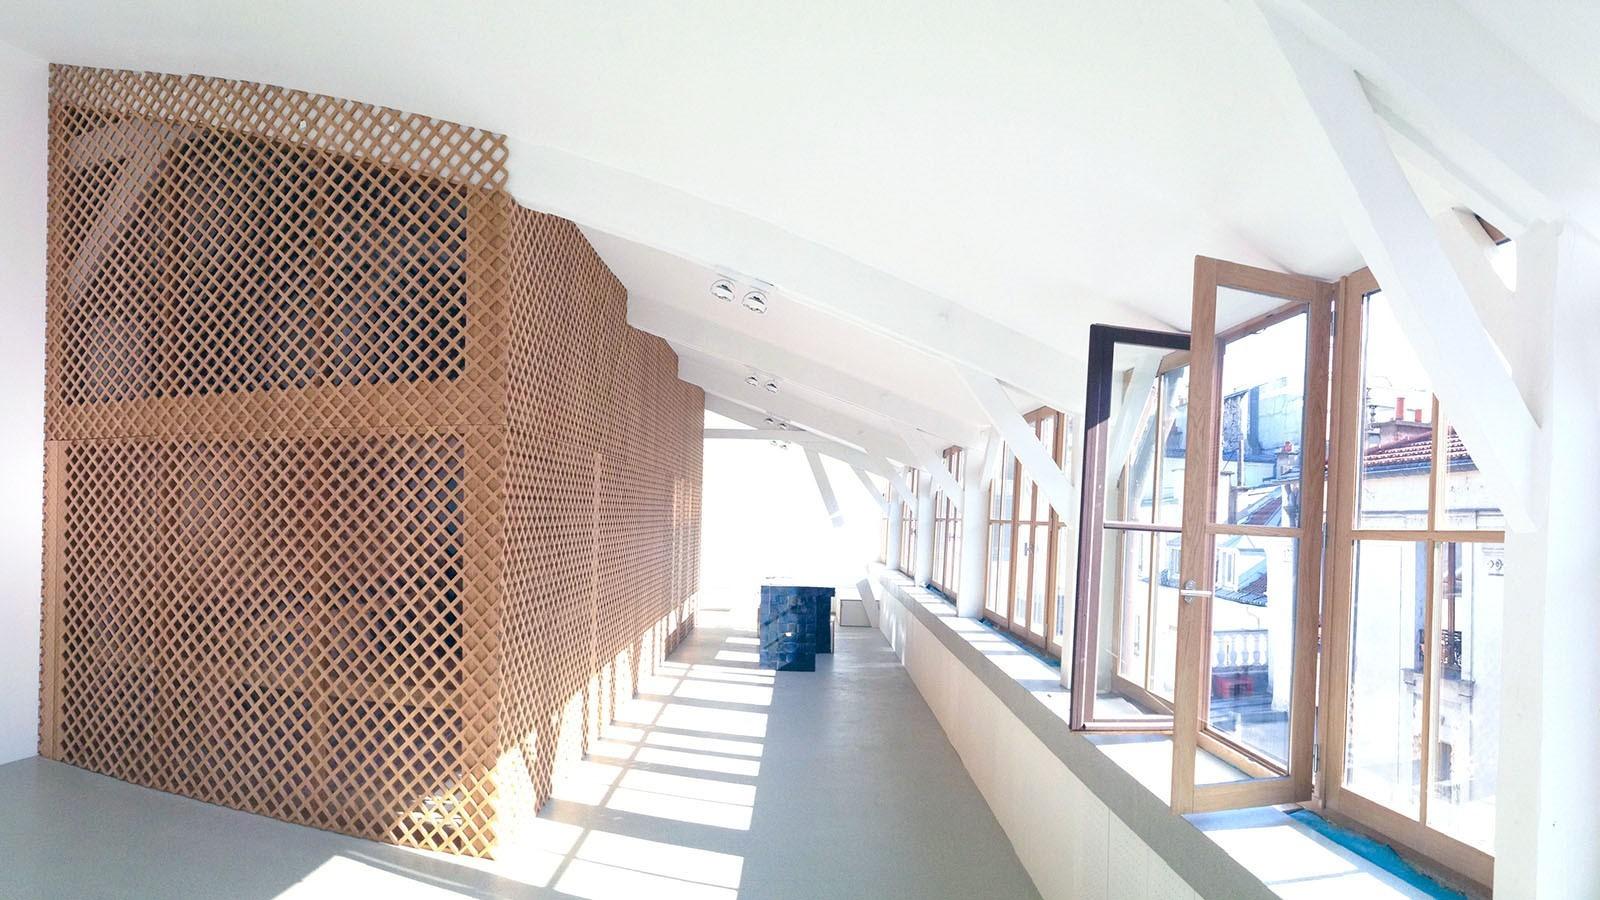 Showroom Sessun Paris Efi Design (6)